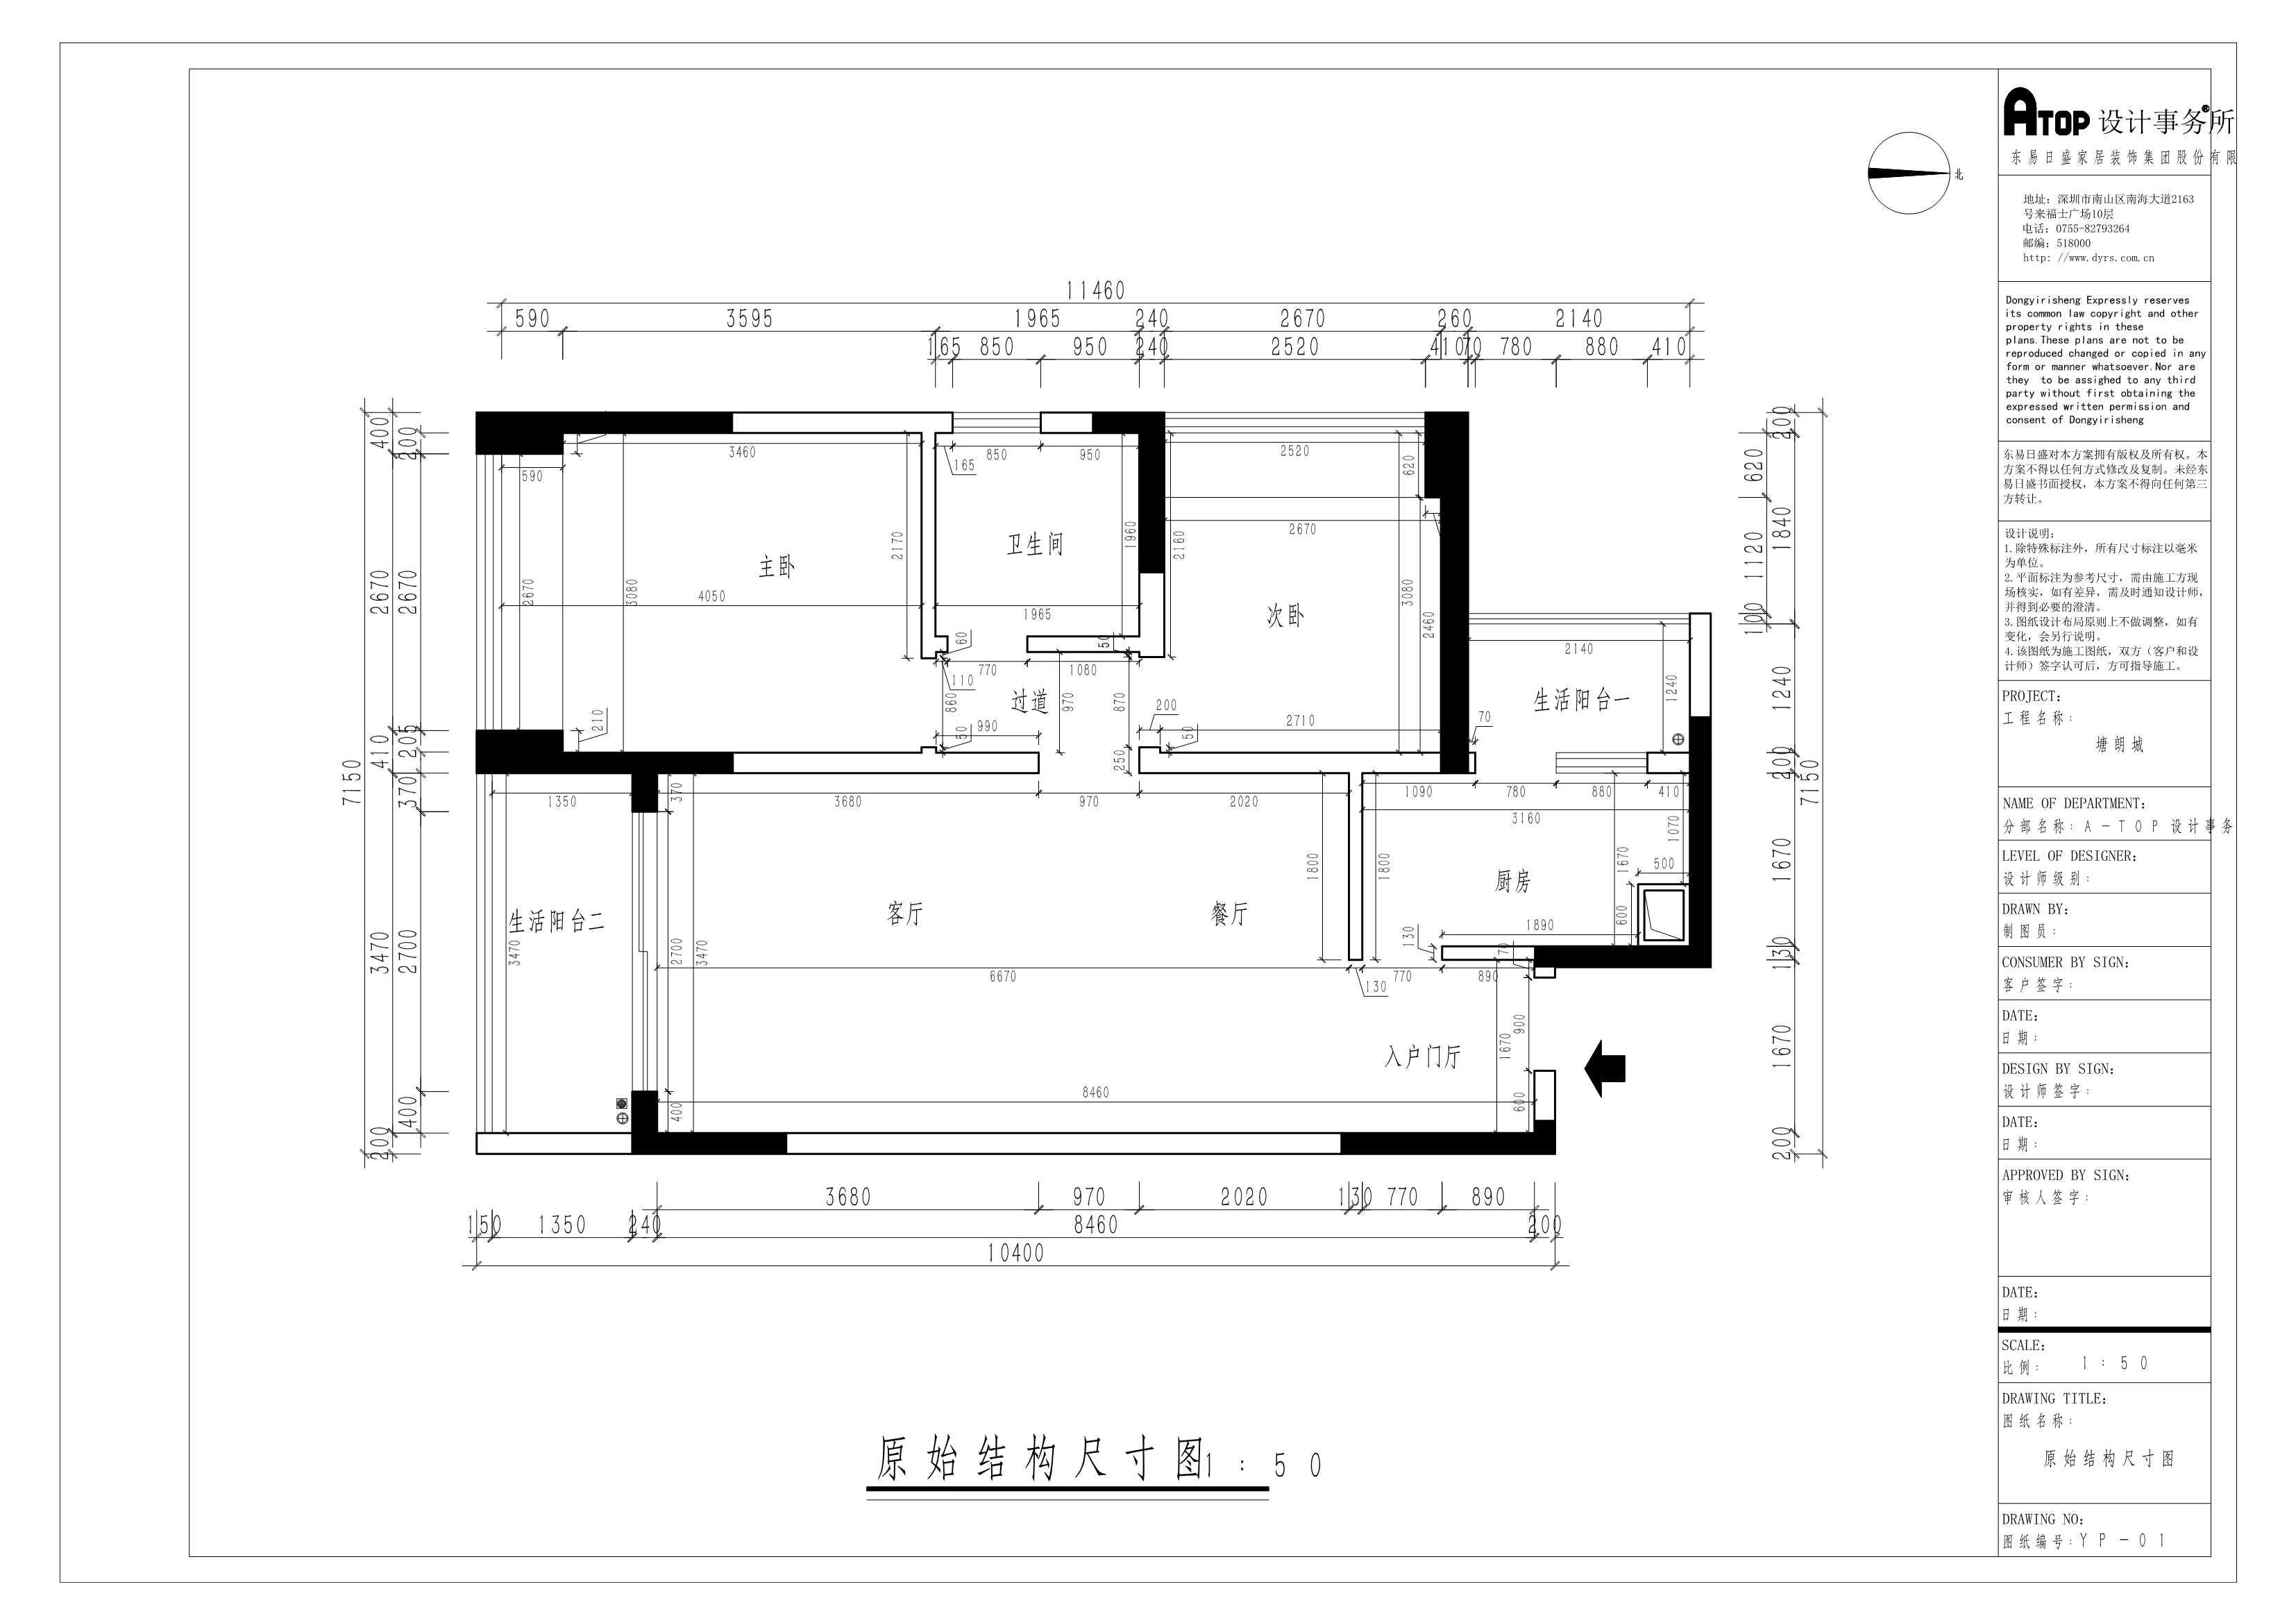 塘朗城-110平米装修-现代简约风格设计案例装修设计理念